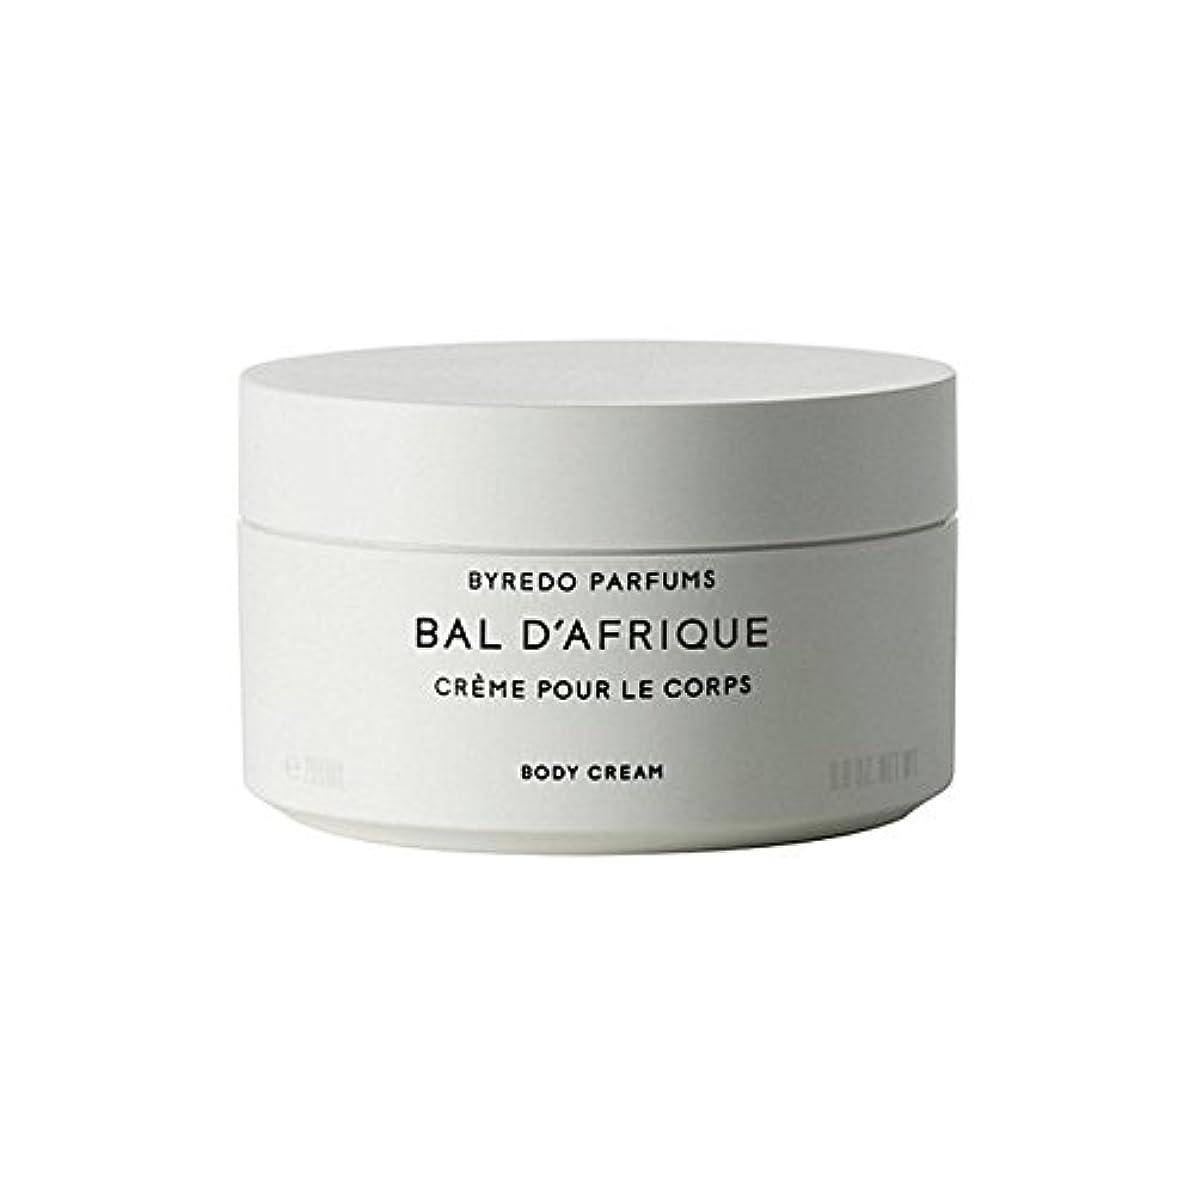 ことわざ船尾メイトByredo Bal D'Afrique Body Cream 200ml (Pack of 6) - 'のボディクリーム200ミリリットル x6 [並行輸入品]